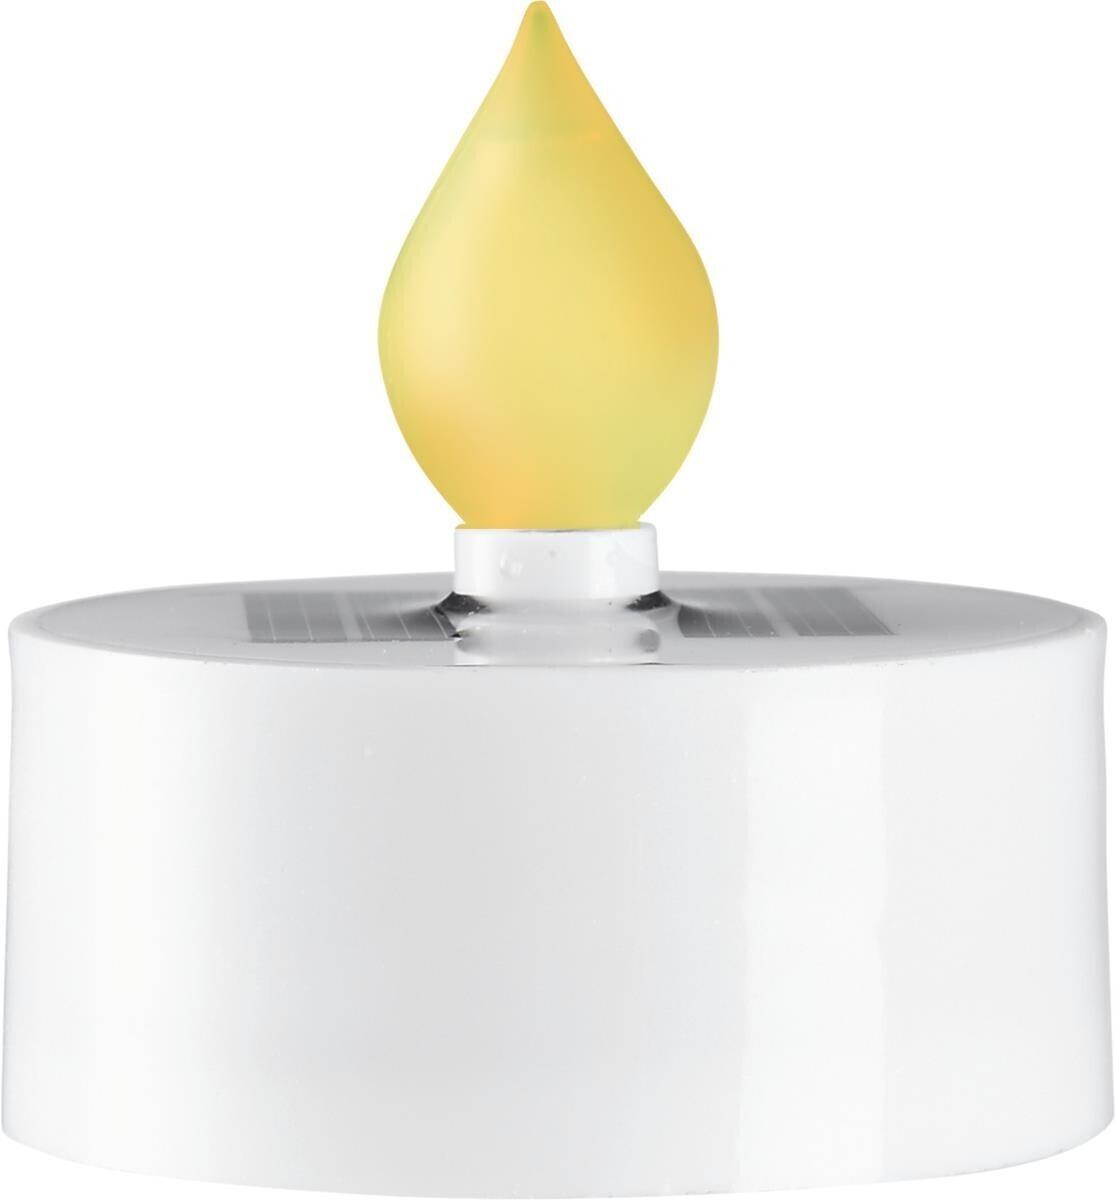 Star Trading Solar-LED-Teelicht 3er-Set weiß